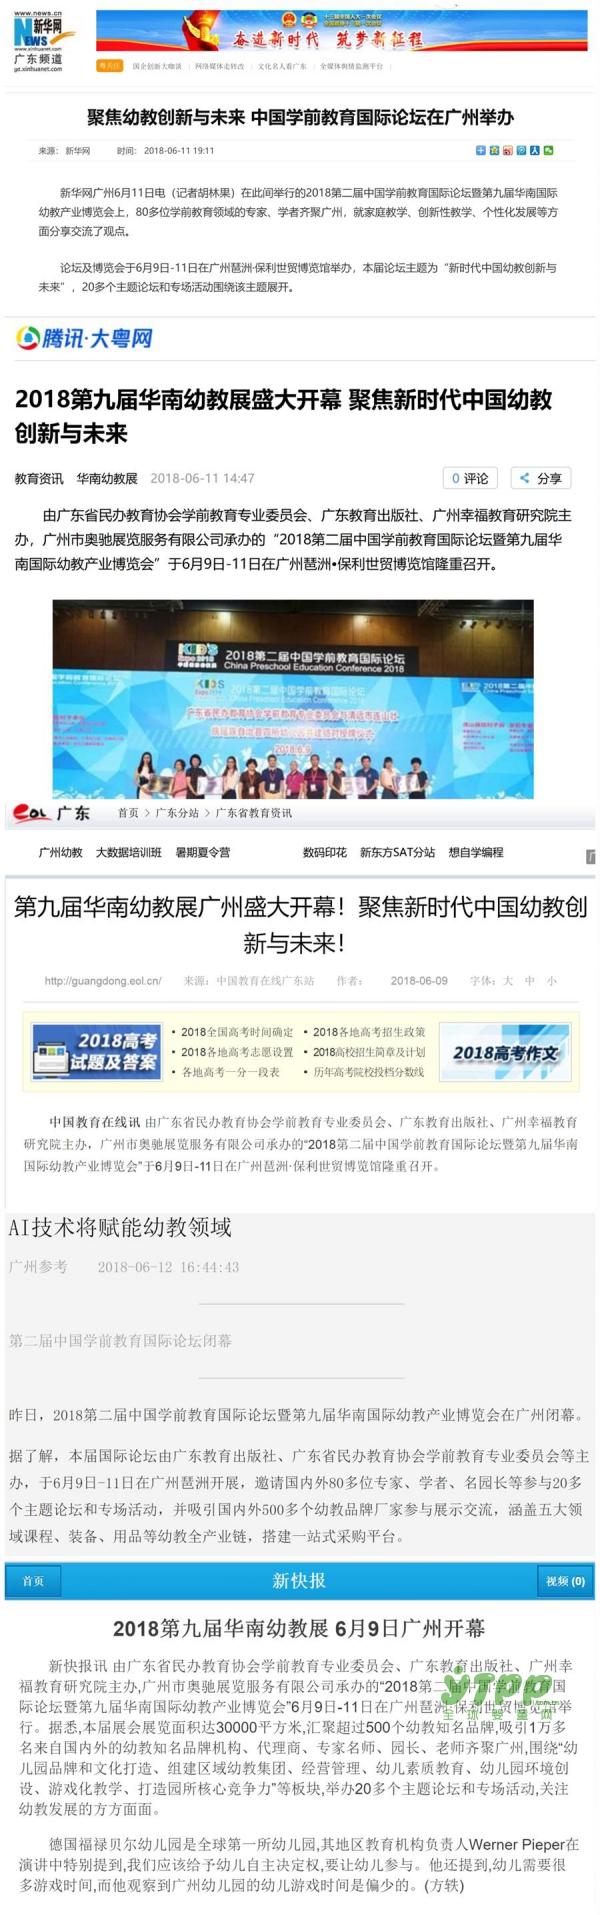 2018第九届华南展圆满落幕  因您的参与而更精彩